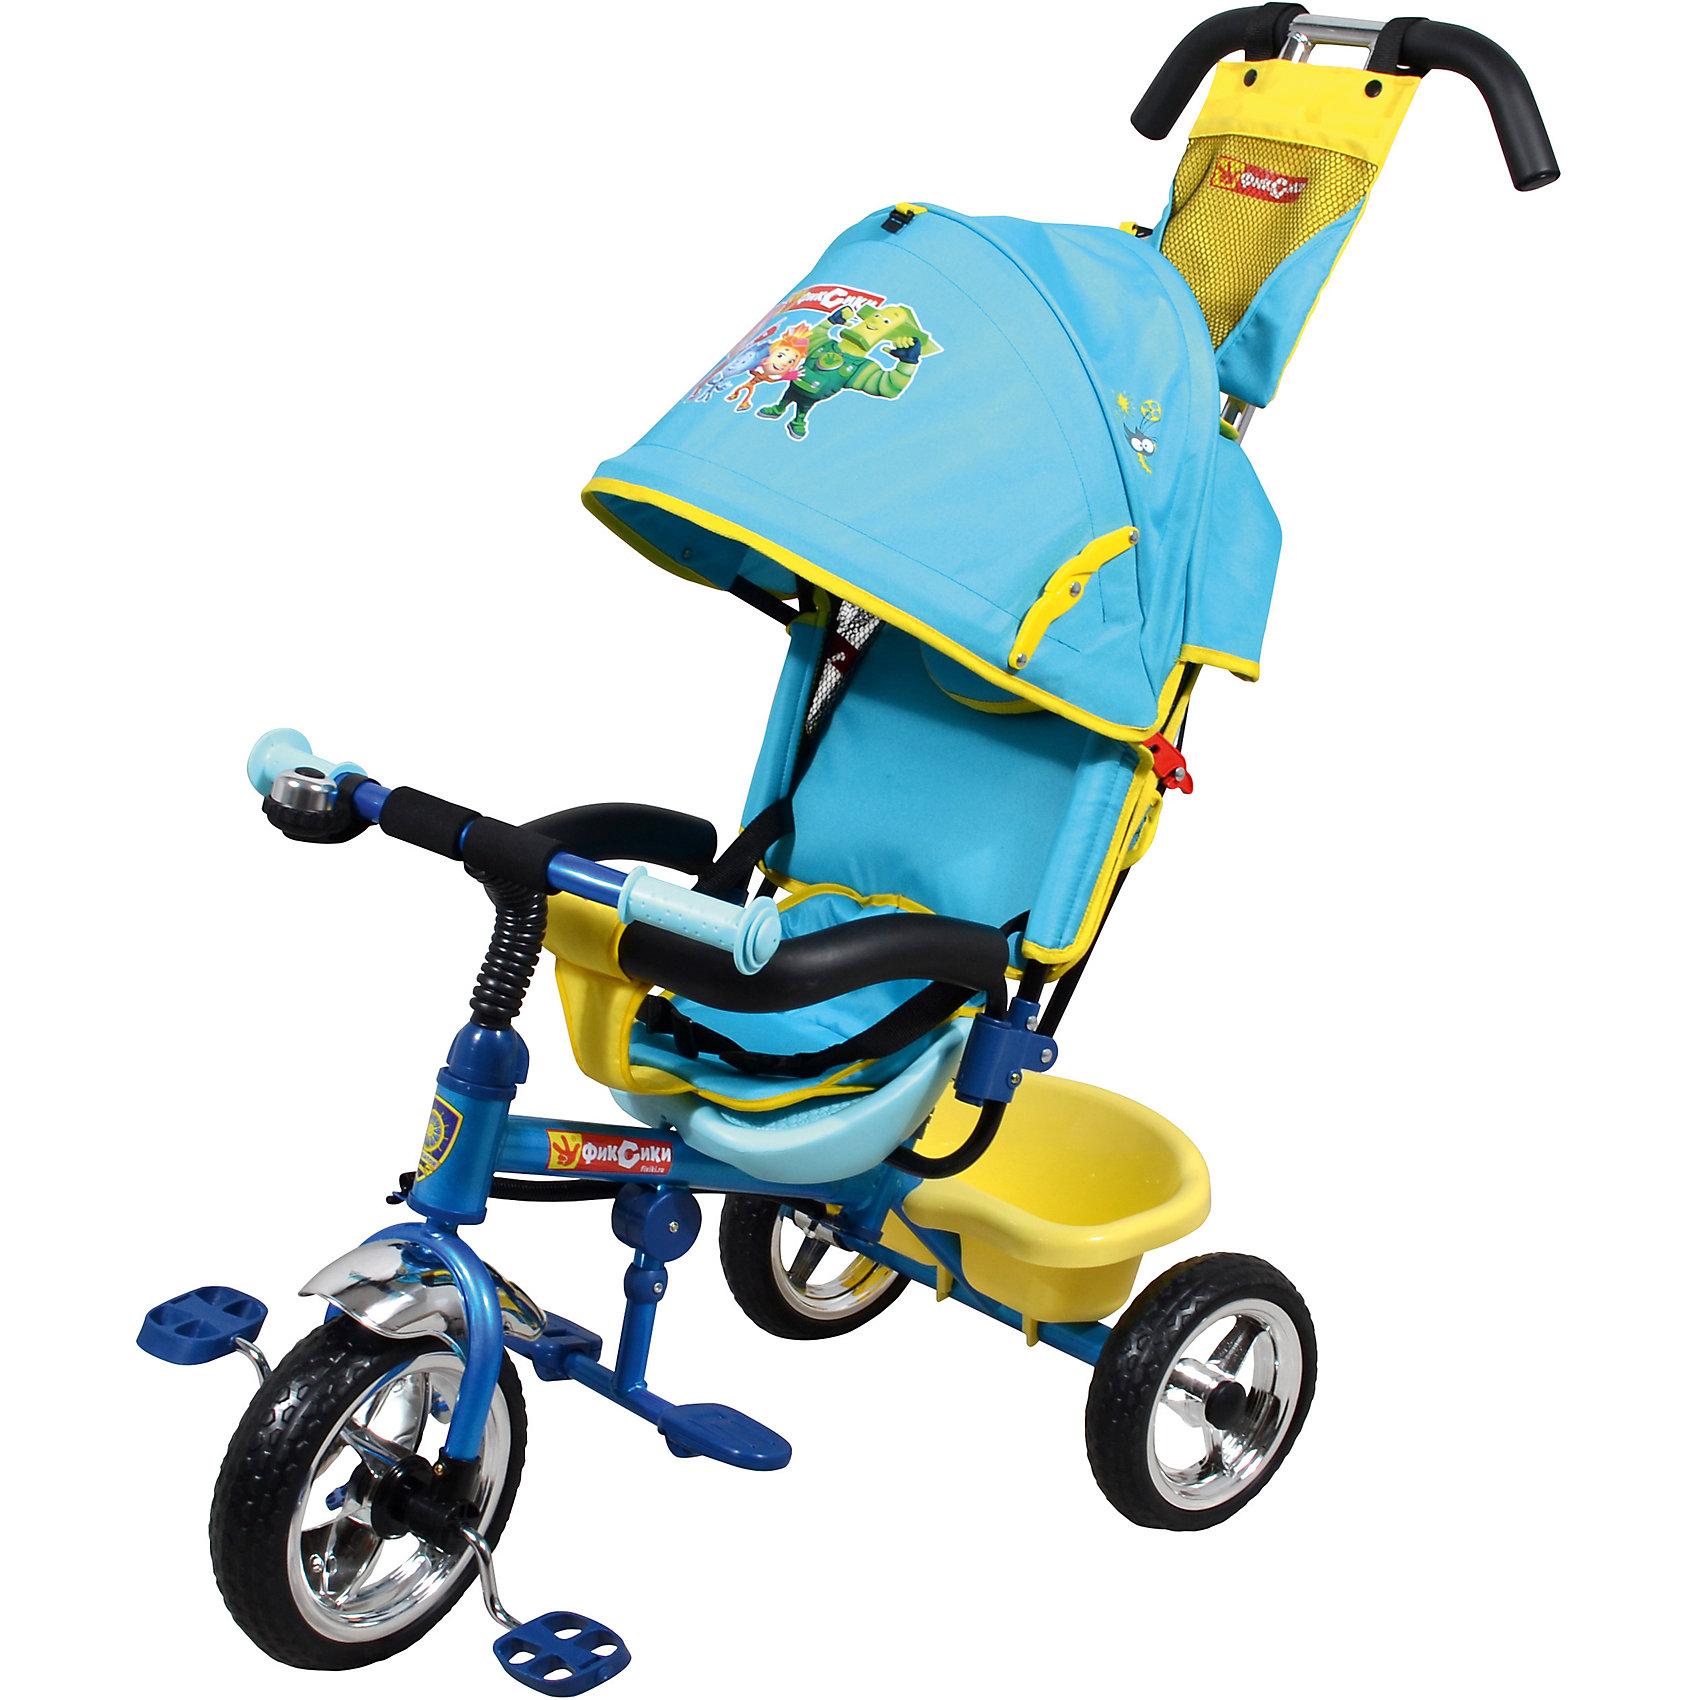 Трехколесный велосипед Navigator, Фиксики, LexusВелосипеды детские<br>Популярная модель детского трехколесного велосипеда с ярким дизайном и популярной лицензией Фиксики. Велосипед снабжен ручкой управления для родителей. Диаметр переднего/заднего колеса: 10/8<br>Управляющая ручка<br>Разъемный страховочный обод<br>Регулируемая спинка сиденья<br>Складная подножка<br>Водонепроницаемый тент<br>Задняя корзина<br>Регулируемые по высоте грипсы<br>Тяга<br>Звонок<br>Индивидуальная упаковка<br><br>Ширина мм: 610<br>Глубина мм: 260<br>Высота мм: 400<br>Вес г: 9000<br>Возраст от месяцев: 12<br>Возраст до месяцев: 36<br>Пол: Мужской<br>Возраст: Детский<br>SKU: 4786126